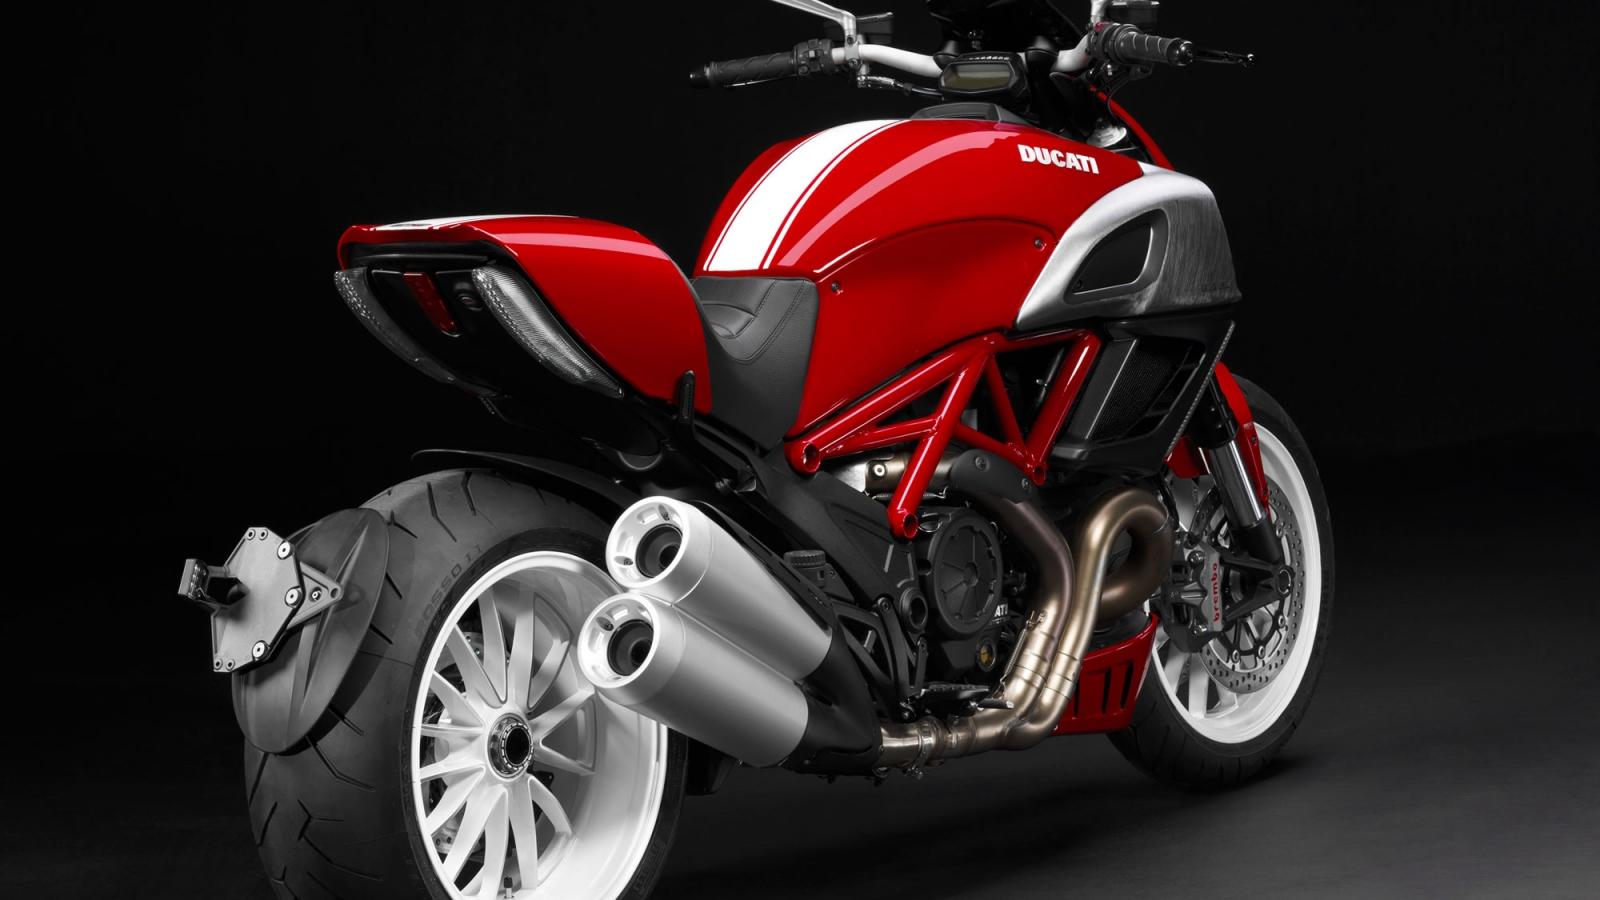 Wallpapers De Motos Fondos De Motos: Ducati Diavel Hd 1600x900